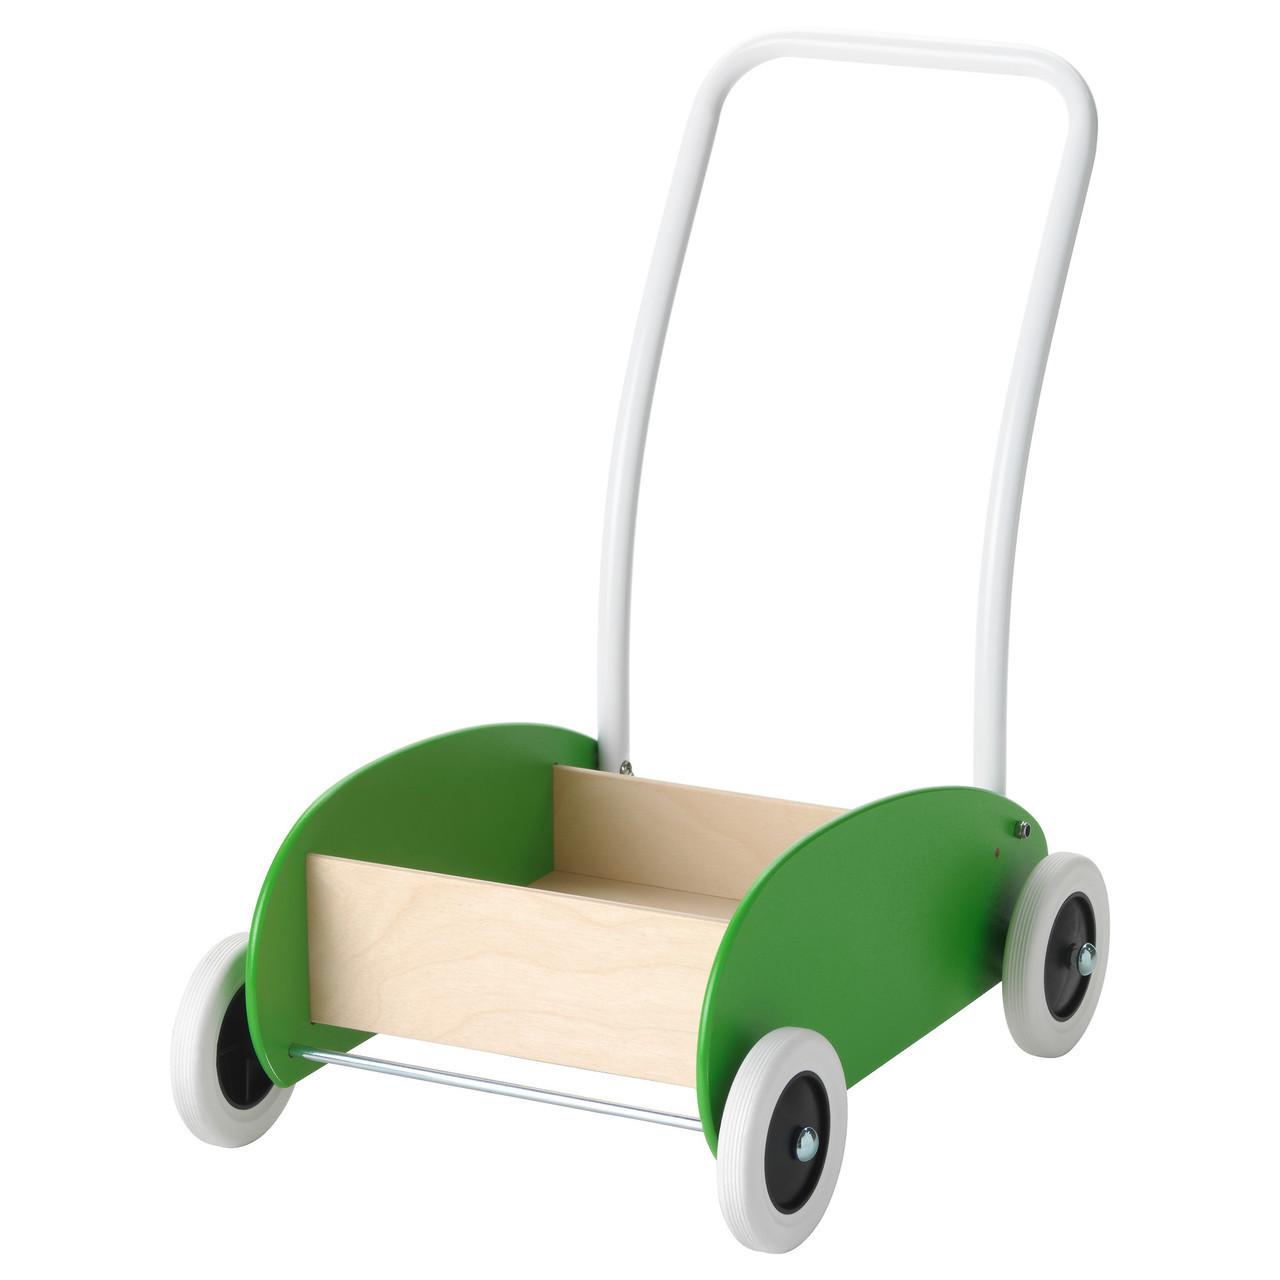 Дитяча іграшкова коляска IKEA MULA береза зелена 302.835.78